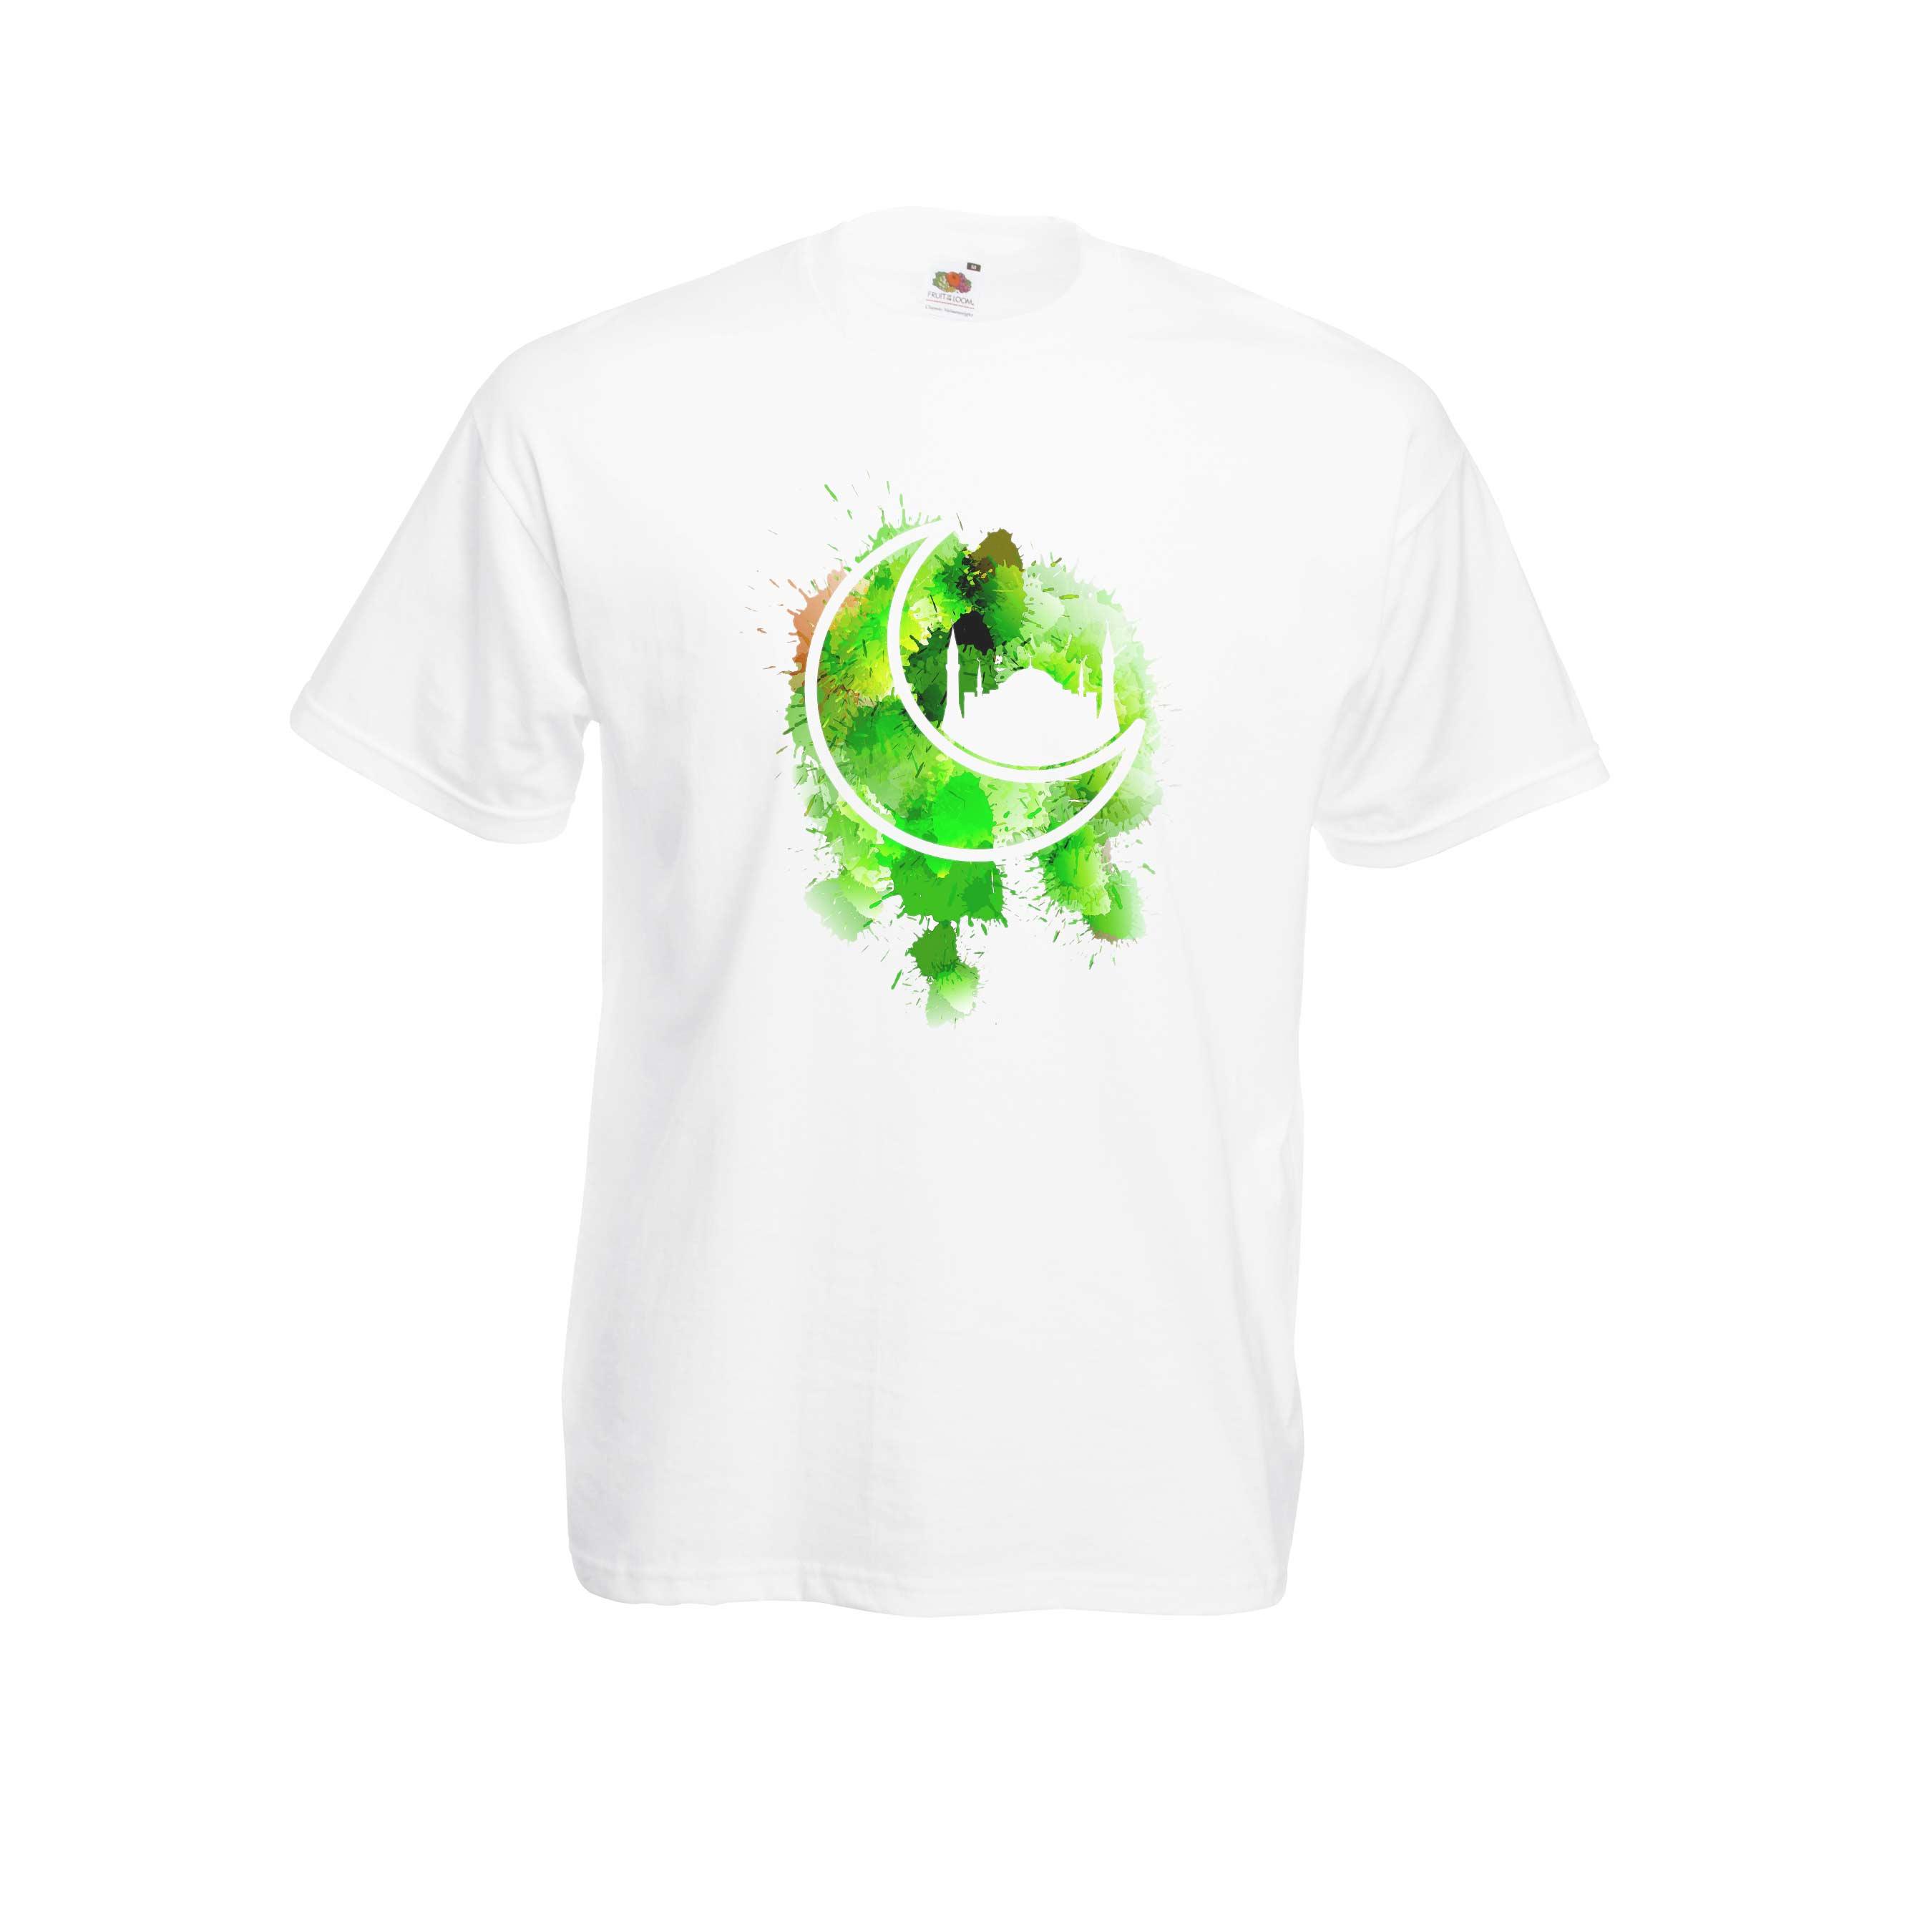 Crescent design for t-shirt, hoodie & sweatshirt